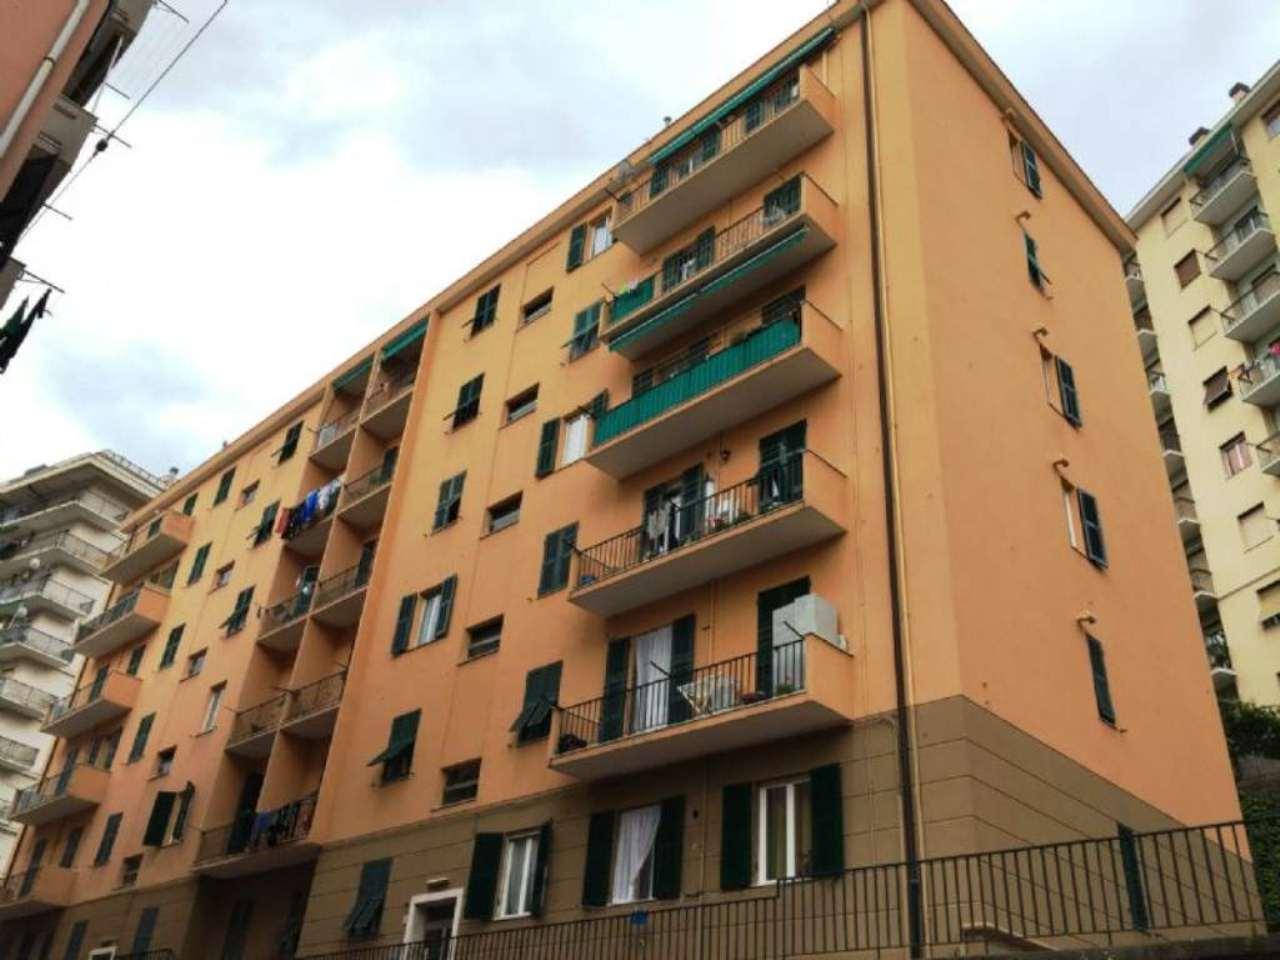 Appartamento in vendita a Genova, 3 locali, zona Zona: 13 . Sestri Ponente, Medio Ponente, prezzo € 60.000 | CambioCasa.it